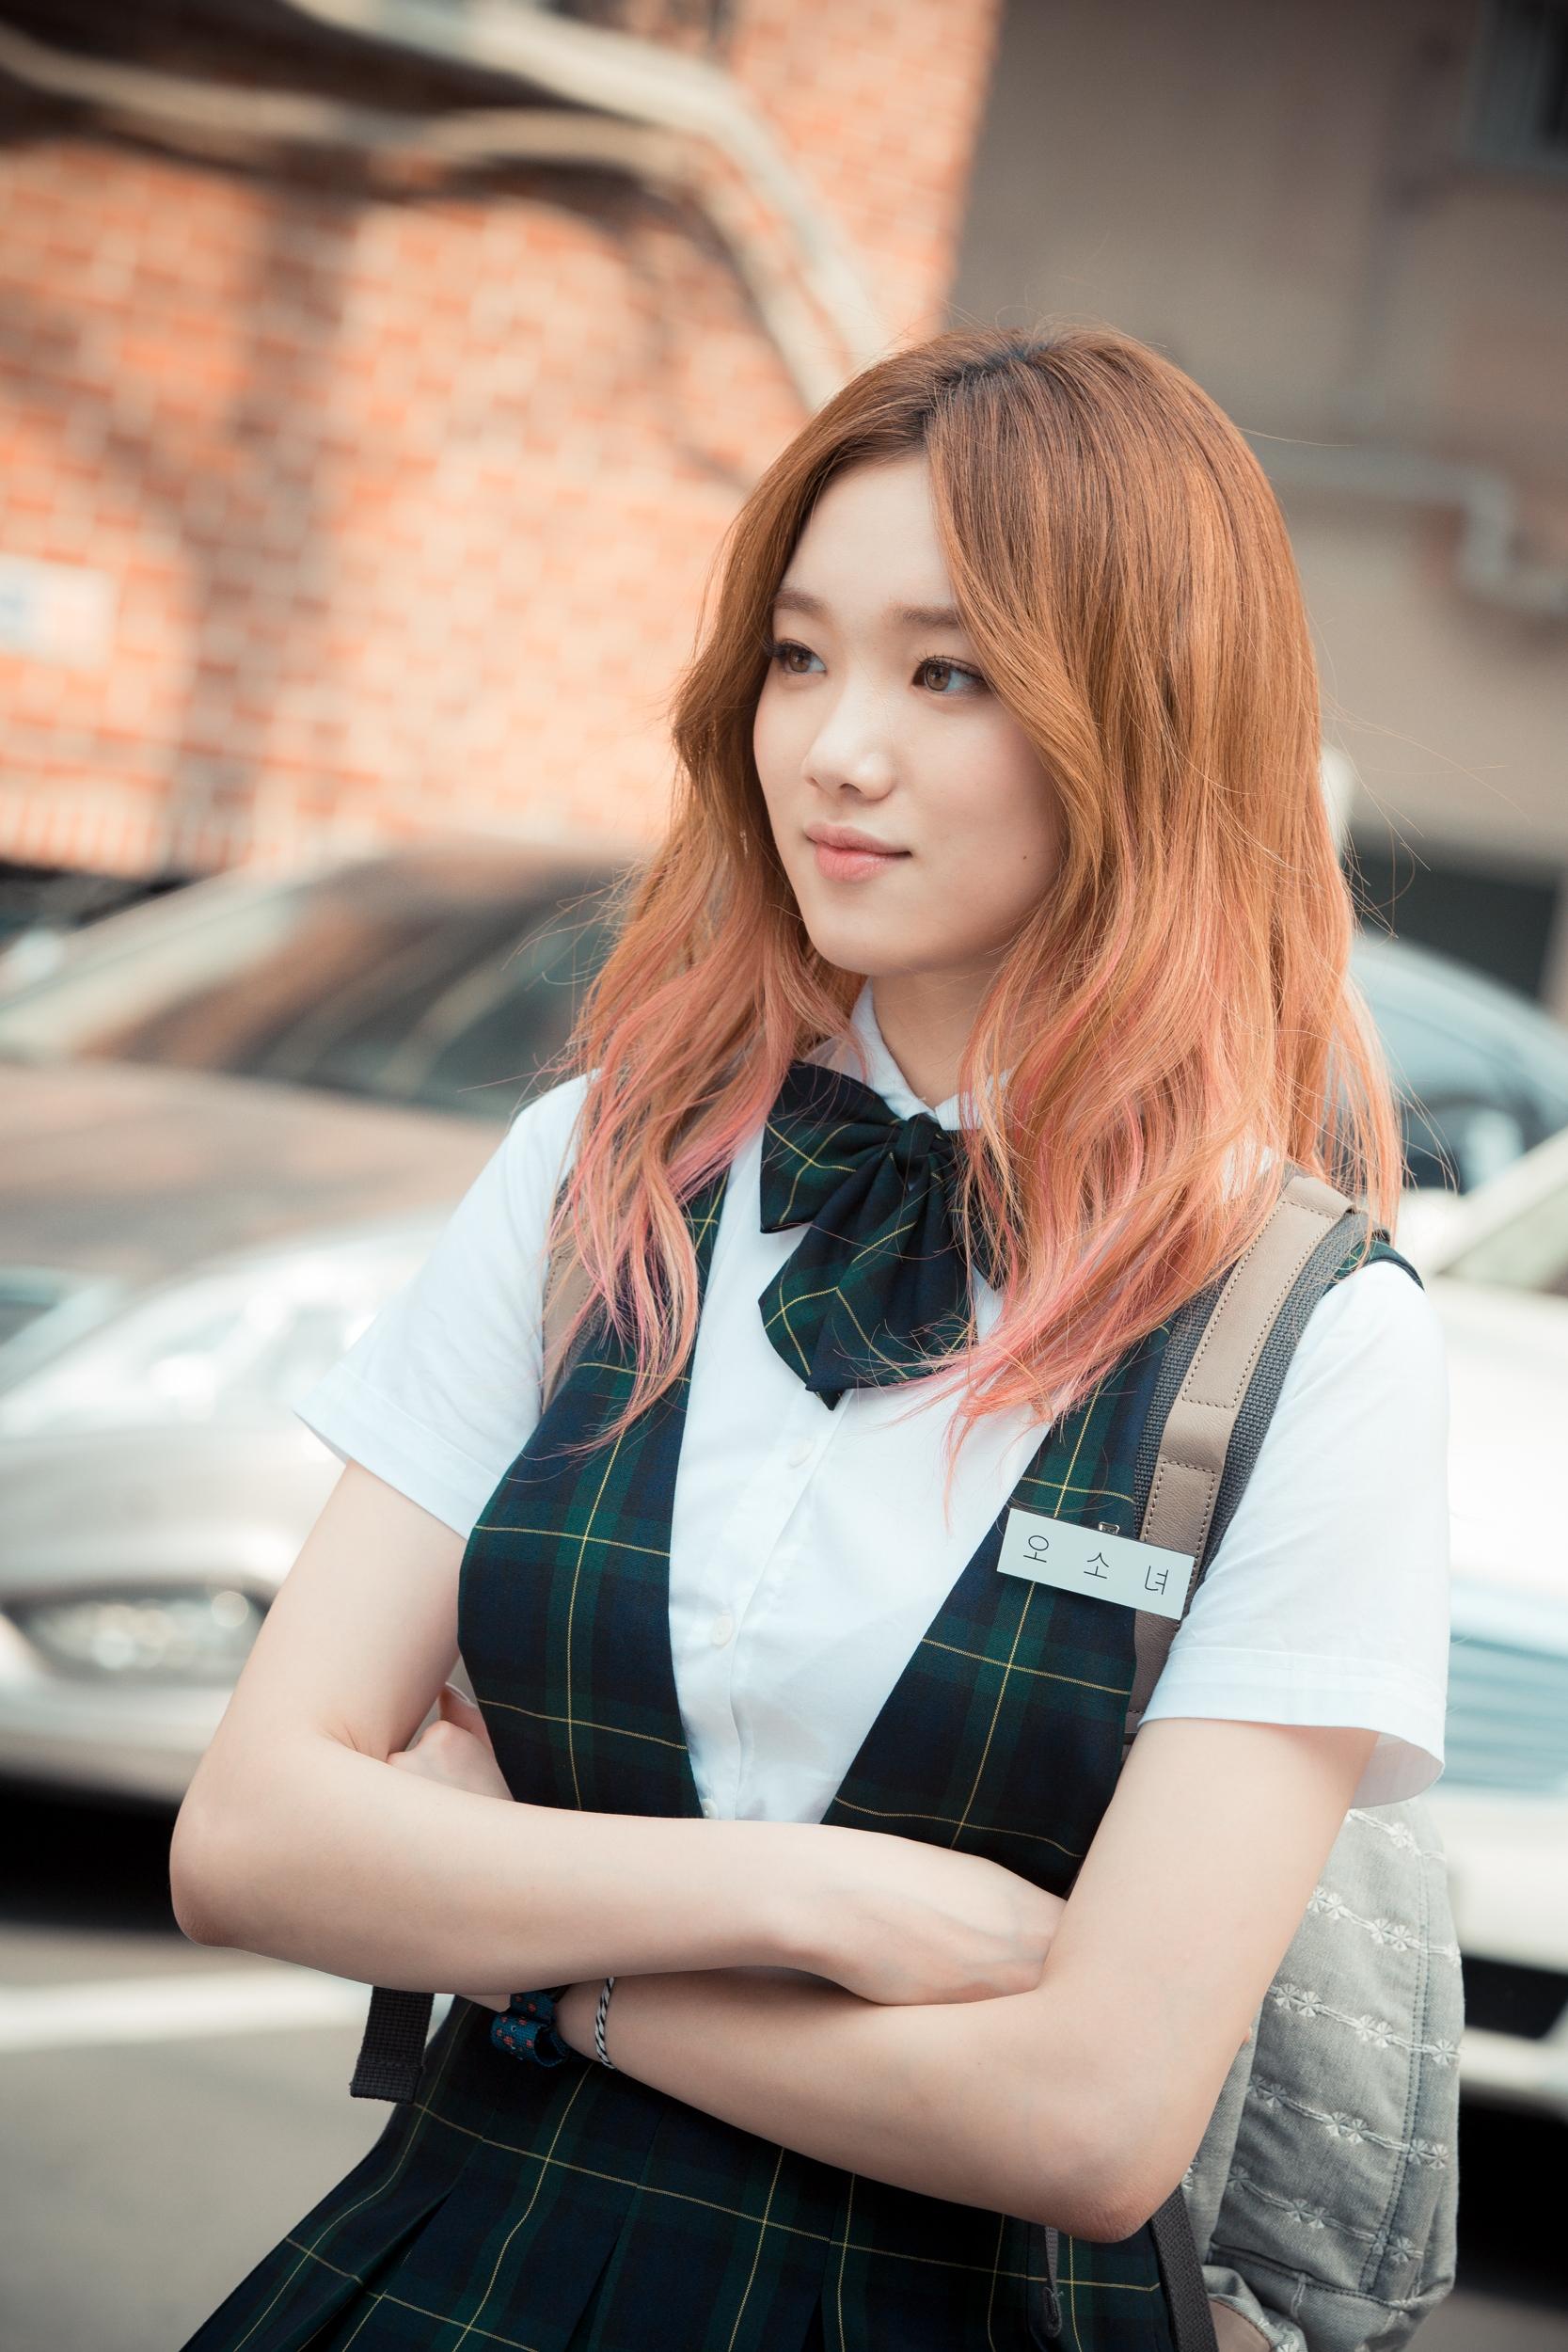 Cặp đôi Tiên Nữ Cử Tạ: Lee Sung Kyung - Nam Joo Hyuk à, đẹp và tài vừa thôi! - Ảnh 12.